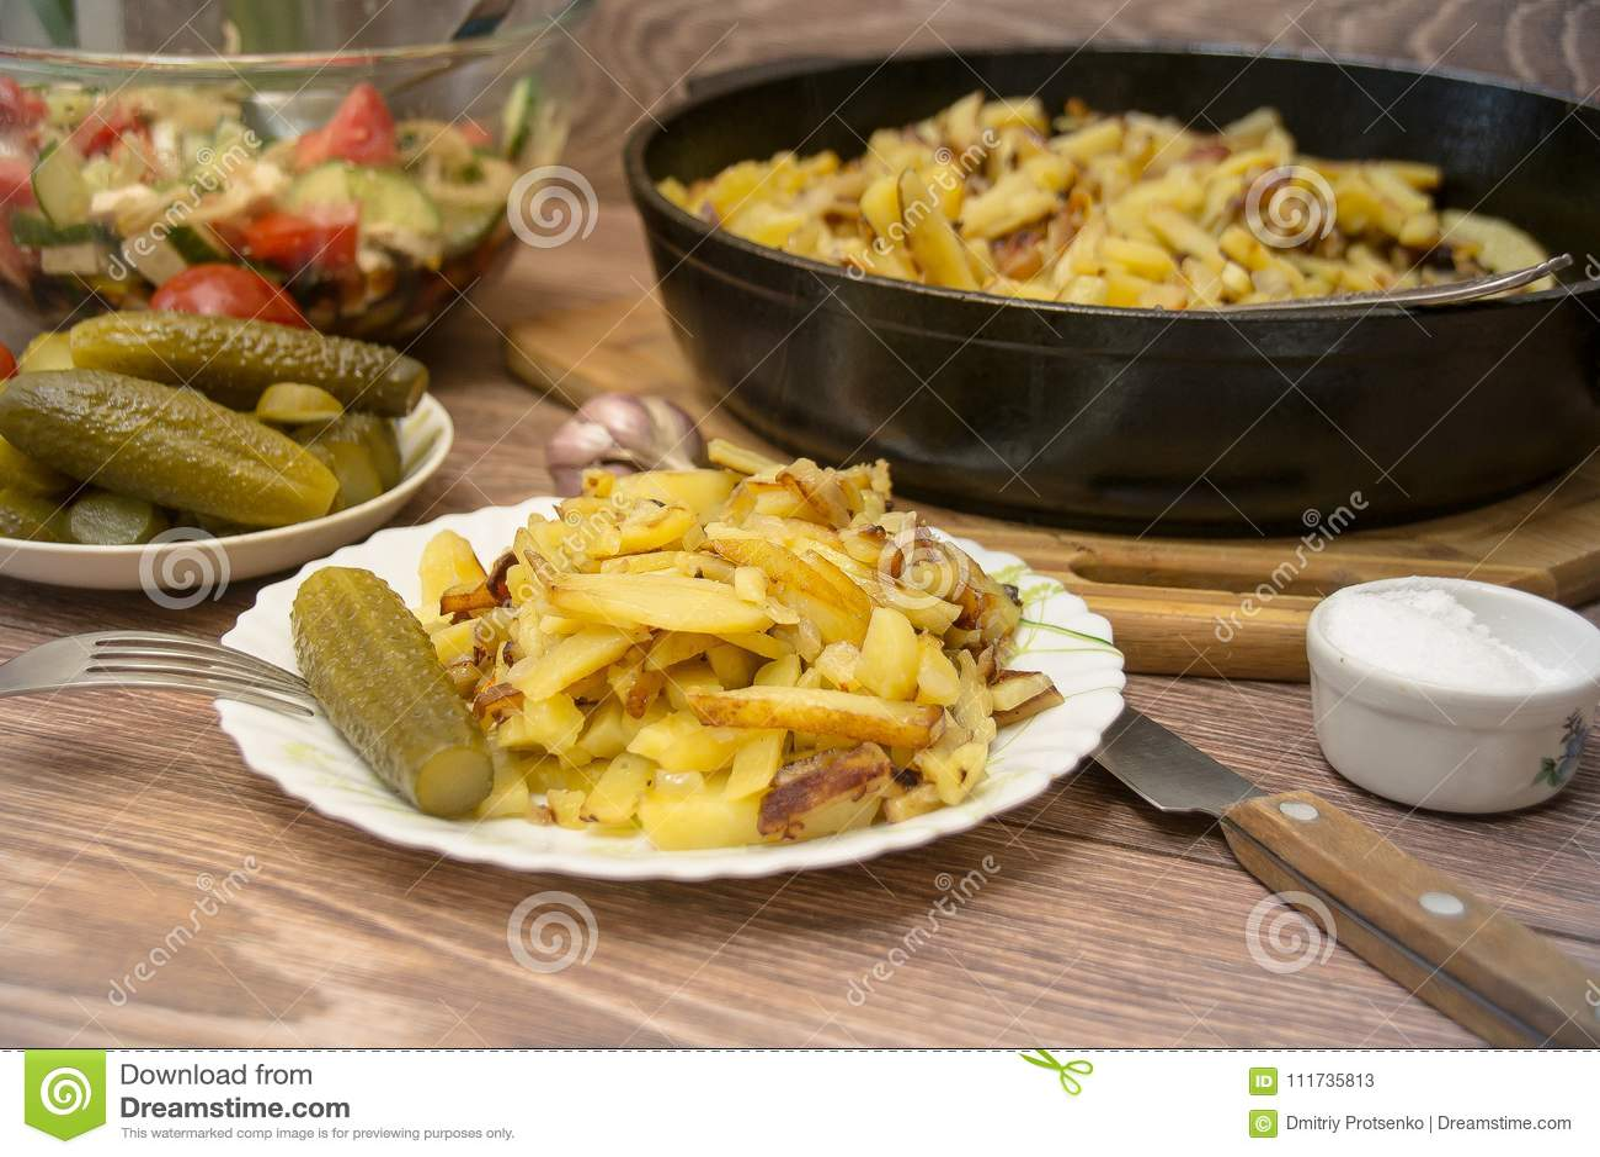 Русская национальная кухня: зажаренные картошки с замаринованным огурцом, чесноком